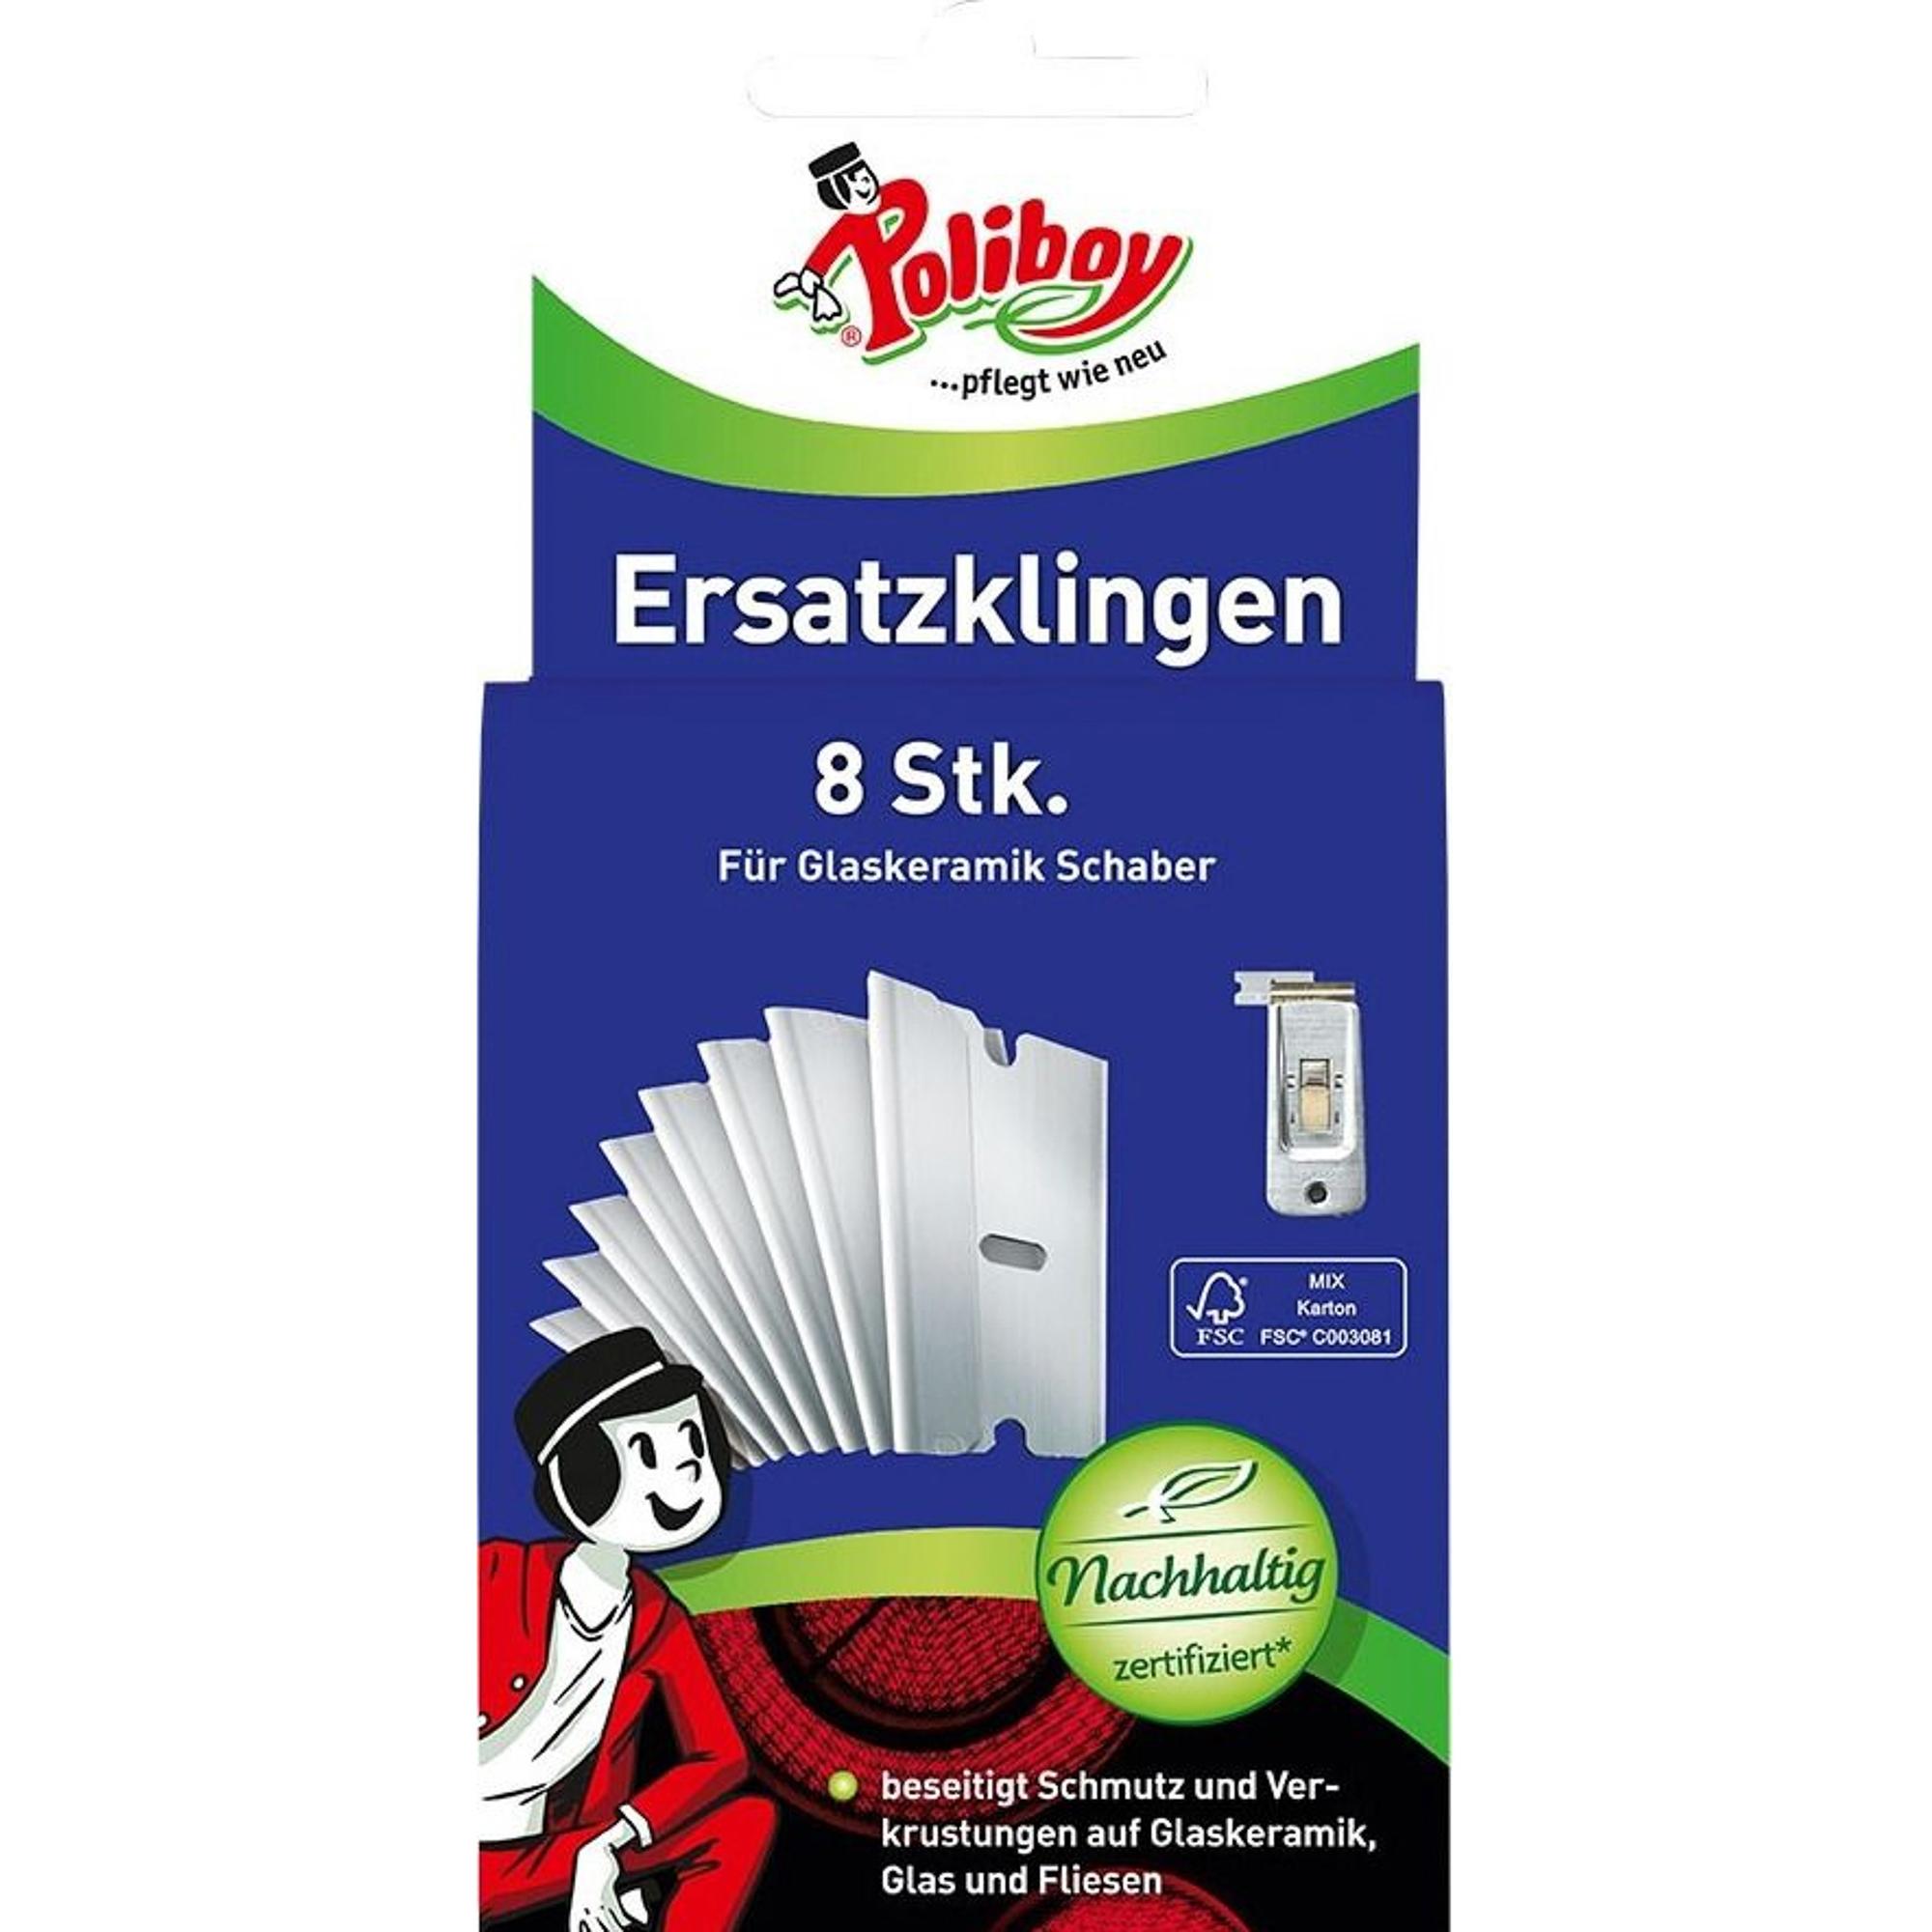 Лезвия для скребка Poliboy 9200112 8 шт metzger лезвия для скребка педикюра для скребка 892 3 и 892 4 упаковка 10 лезвий